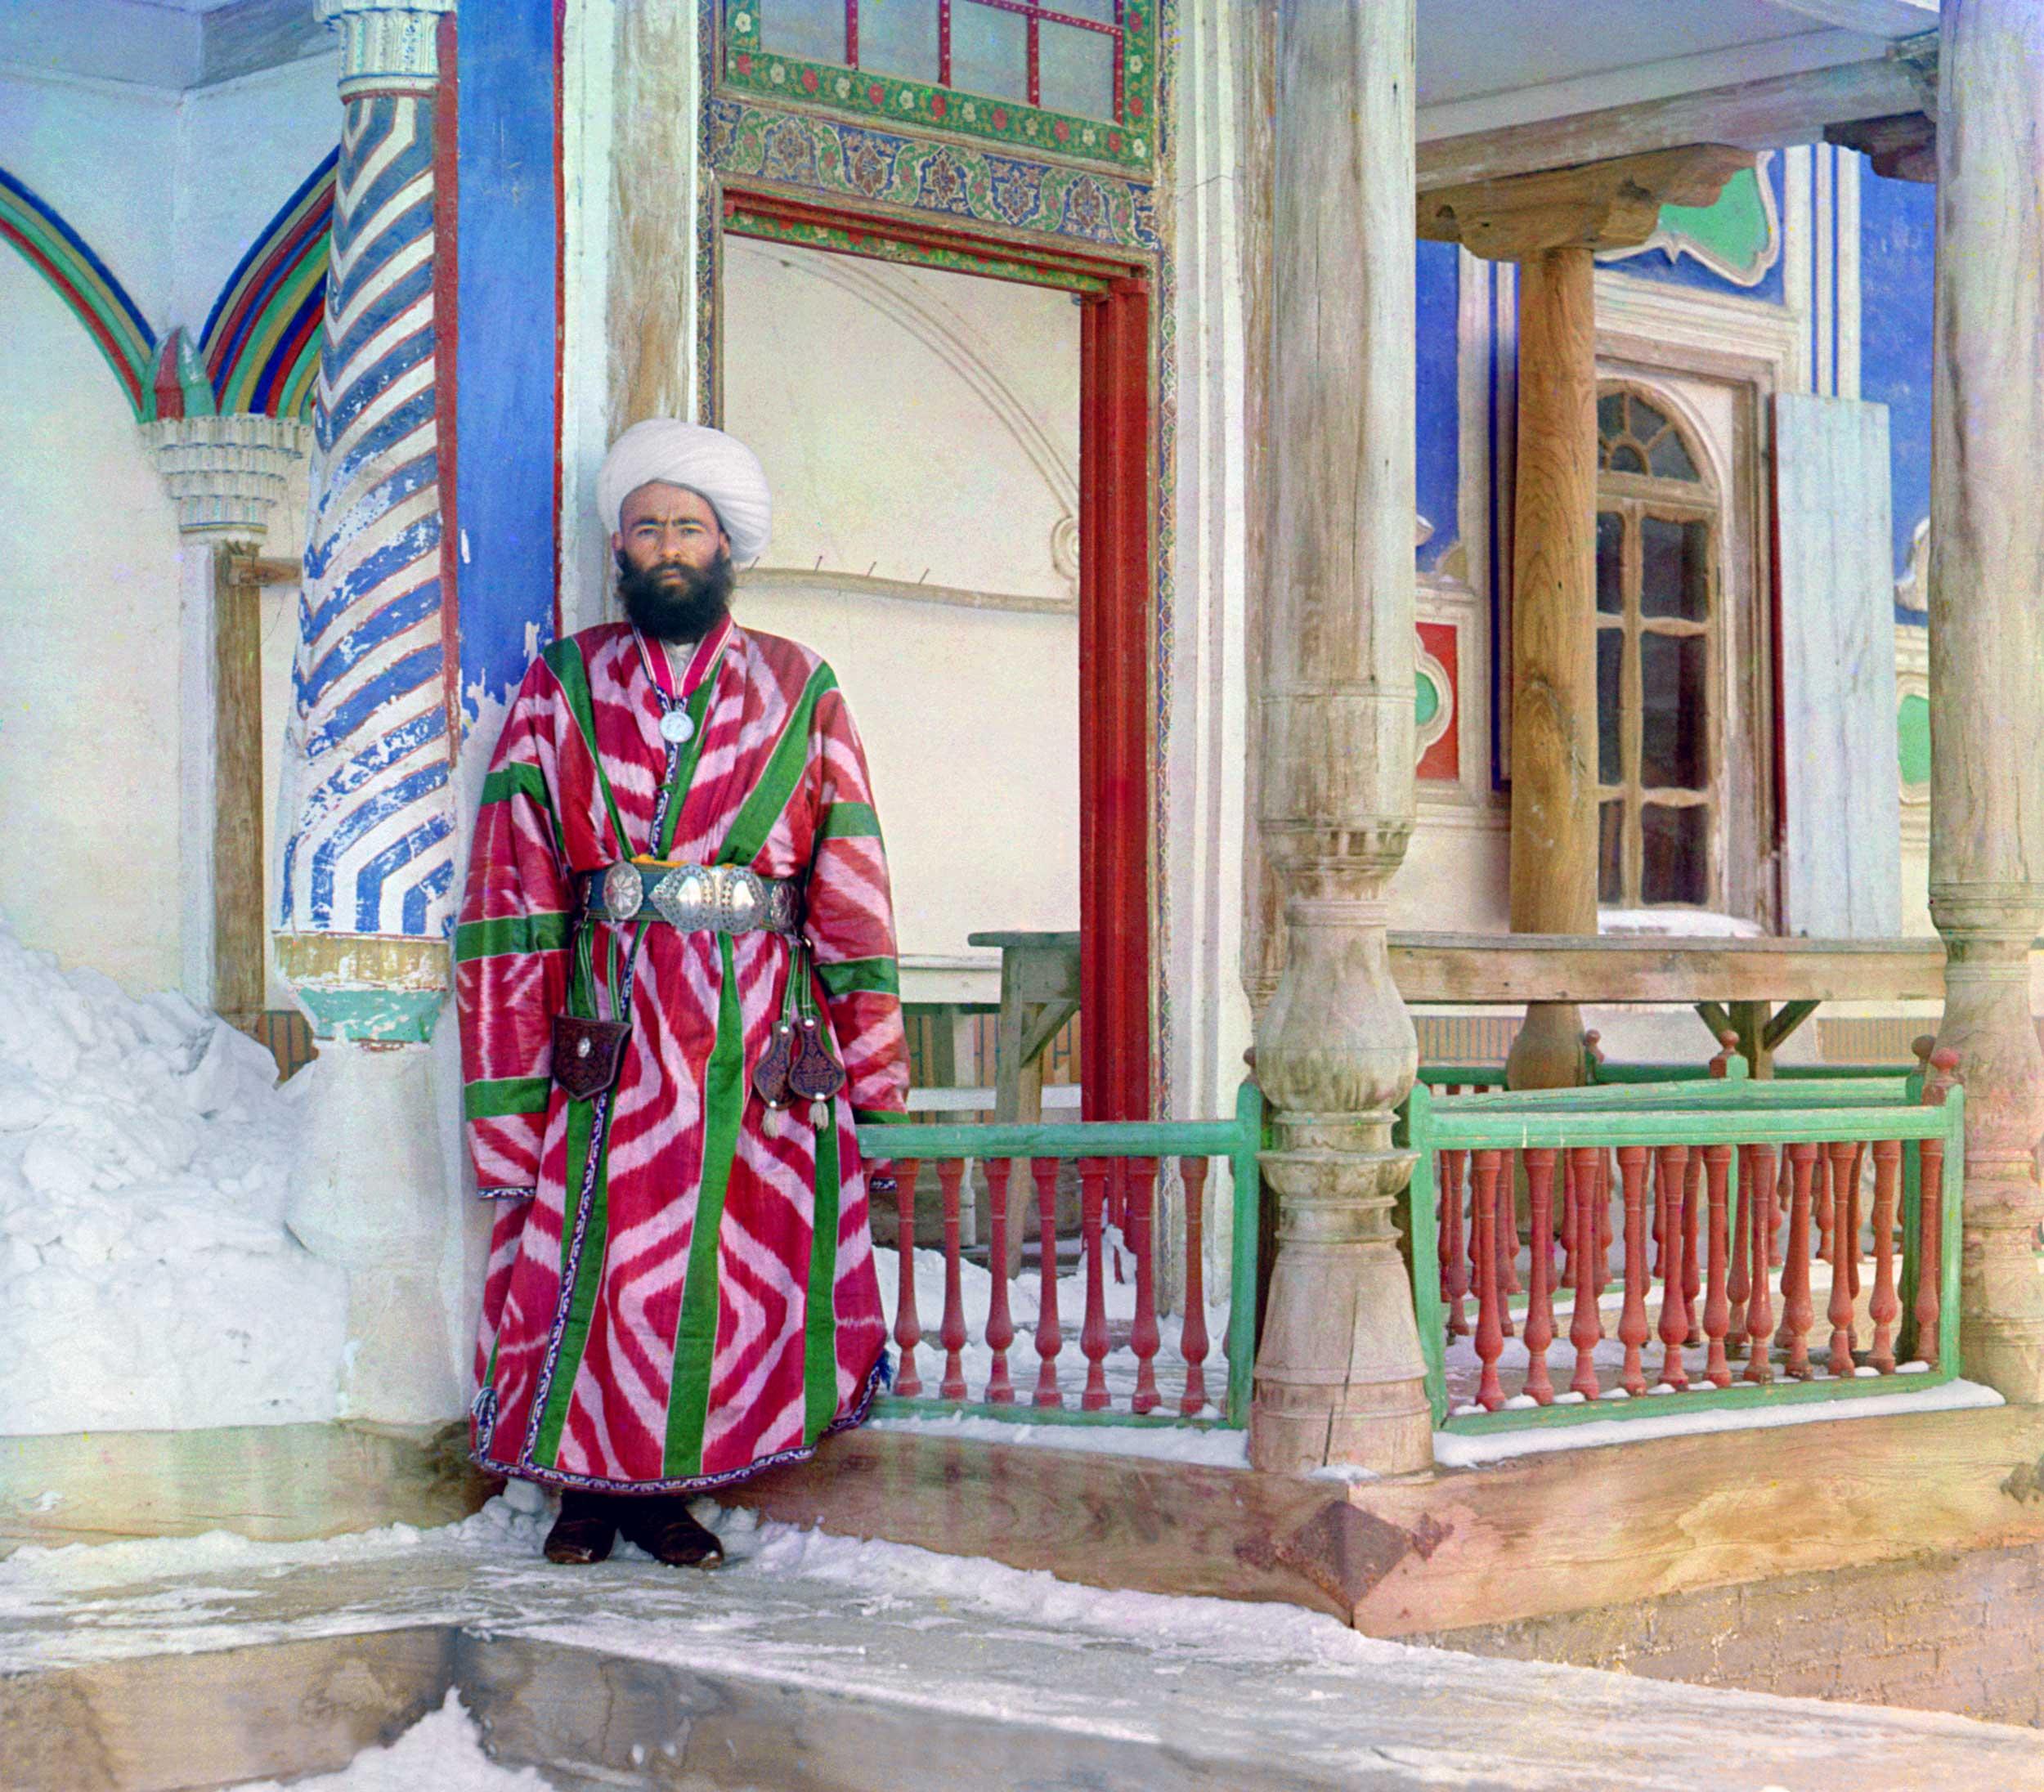 A Bukhara bureaucrat